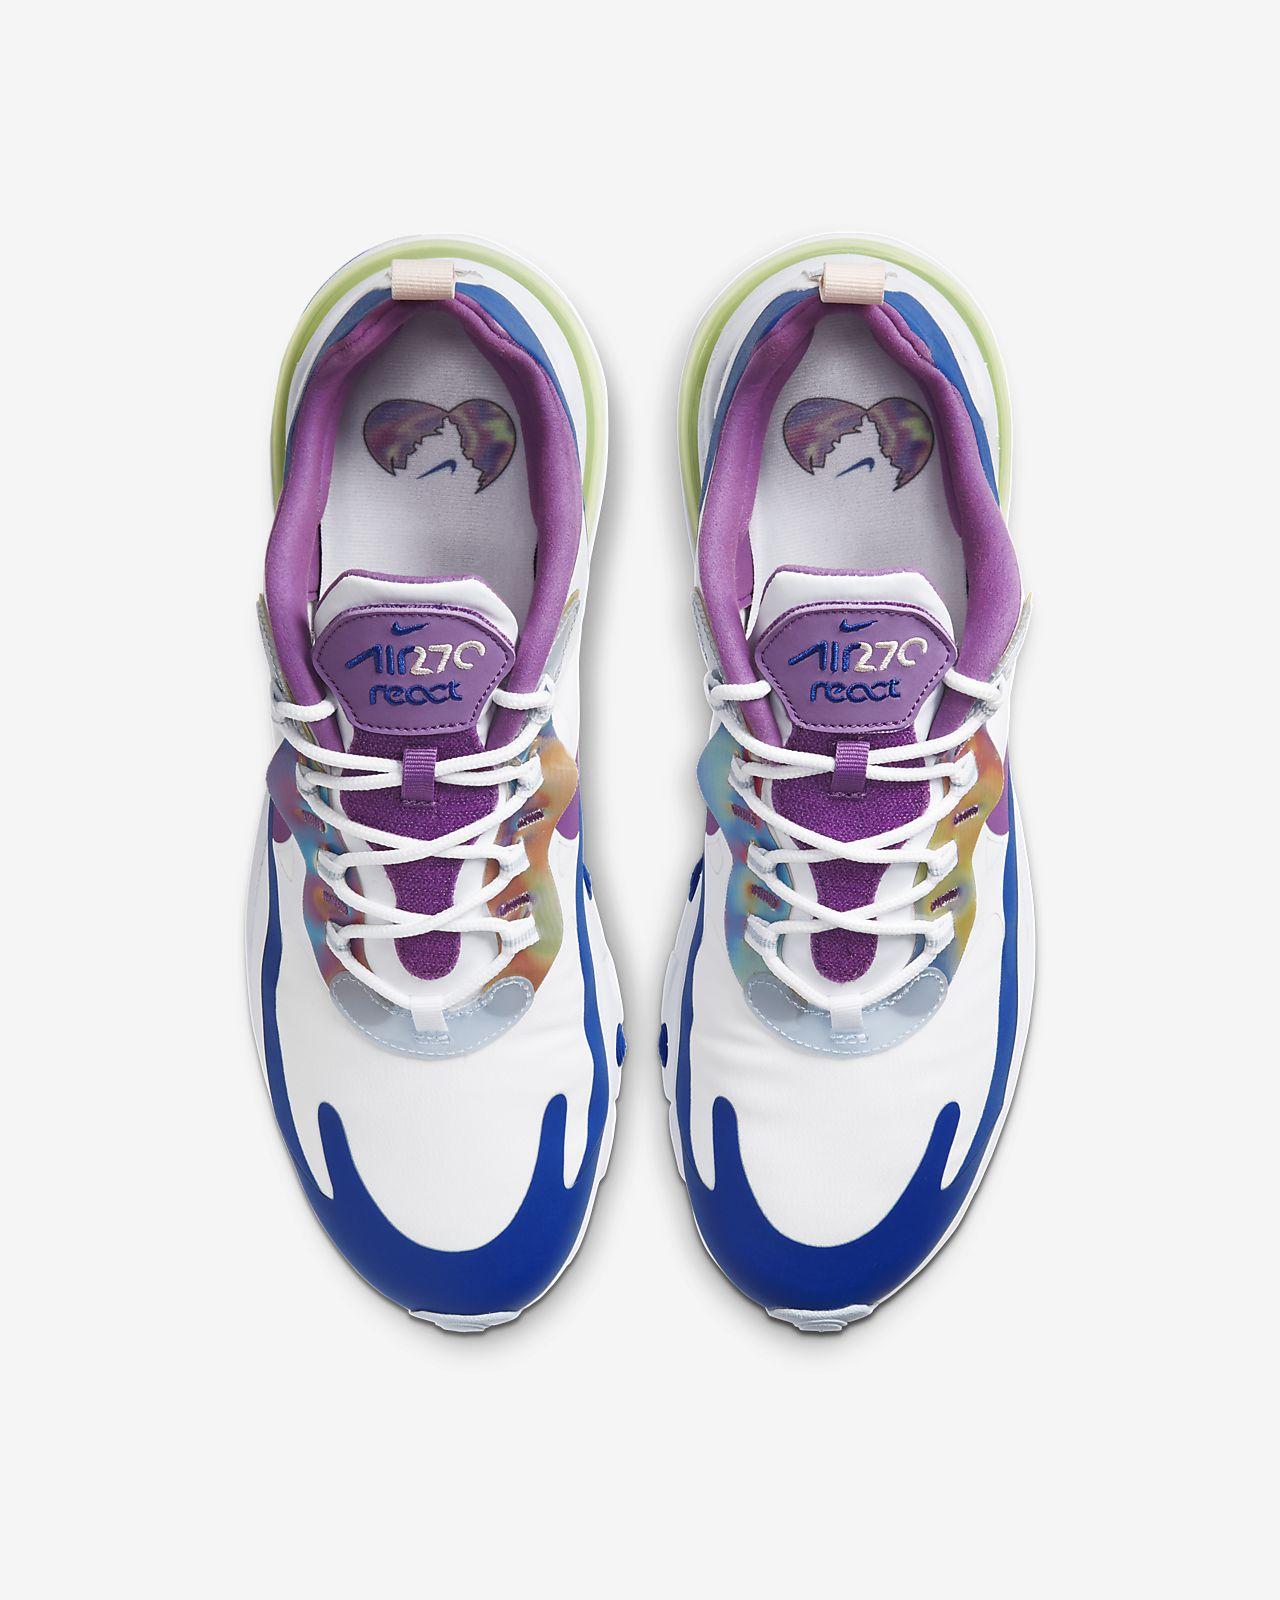 Calzado para hombre Nike Air Max 270 React Easter